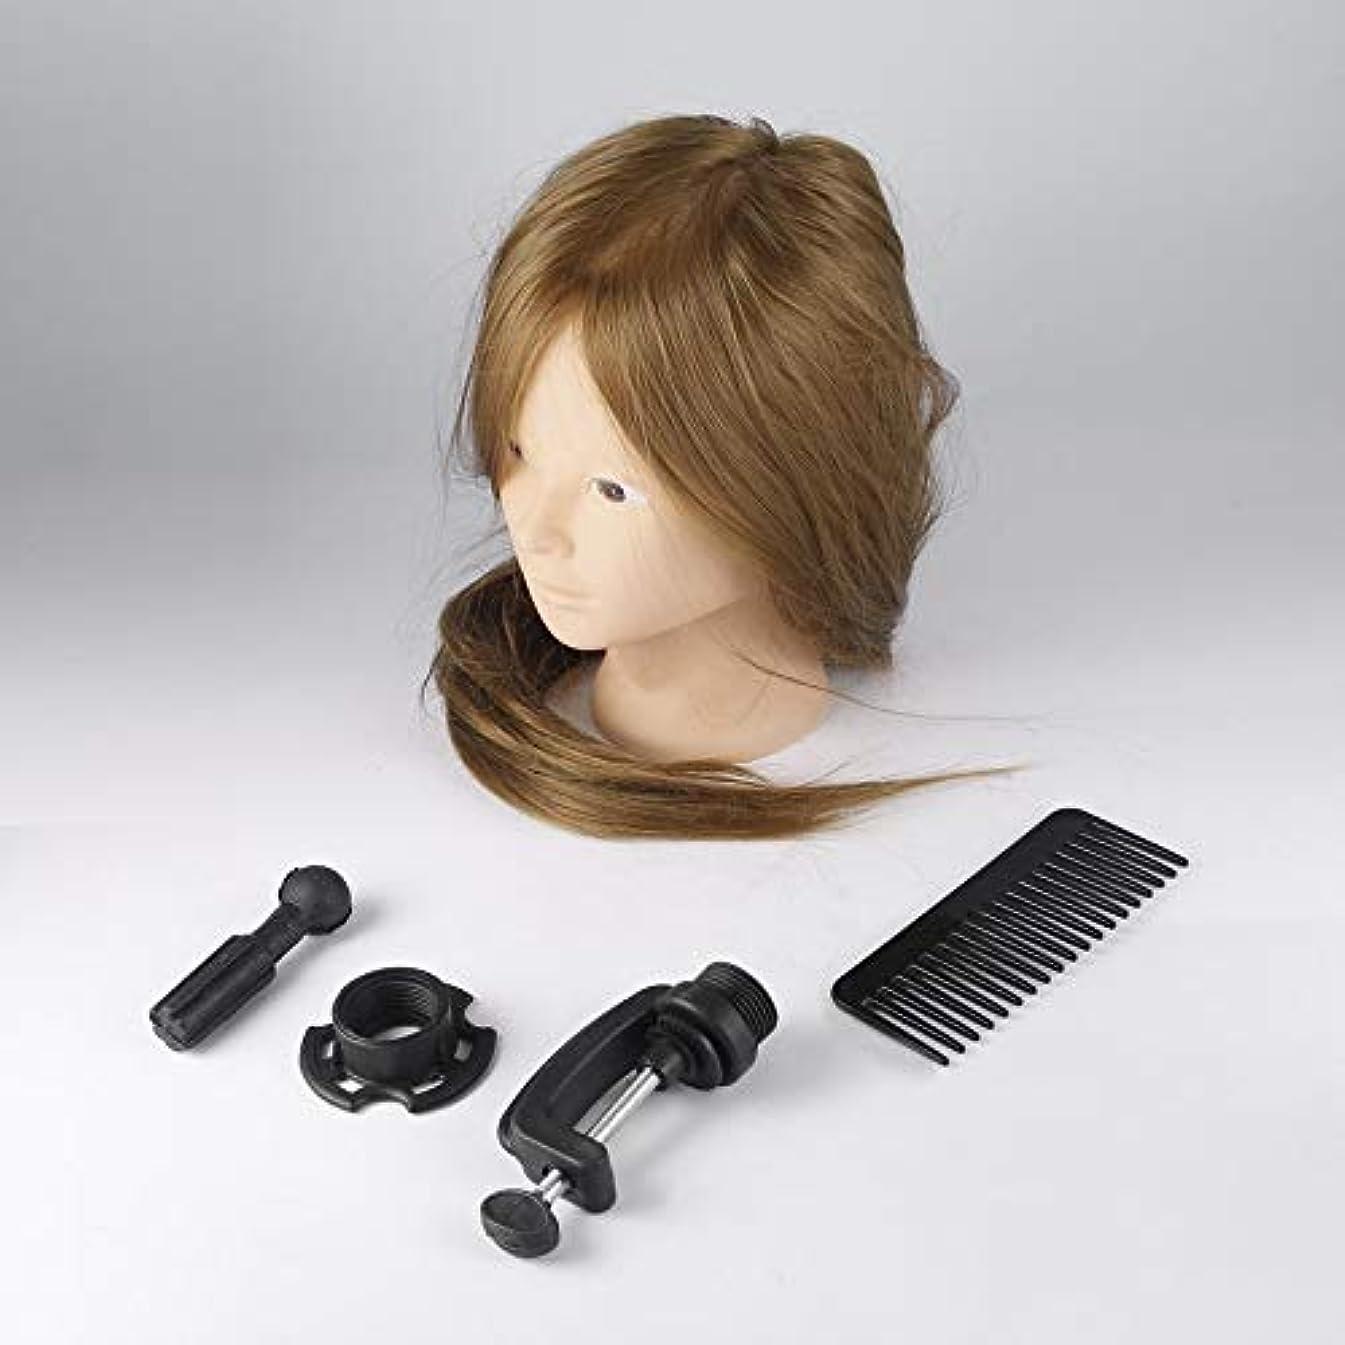 最適流過剰26インチブラウントレーニングマネキンヘッド美容師ダミーヘアスタイルロングヘア人形ヘッドマネキンヘッドメイクアップ練習